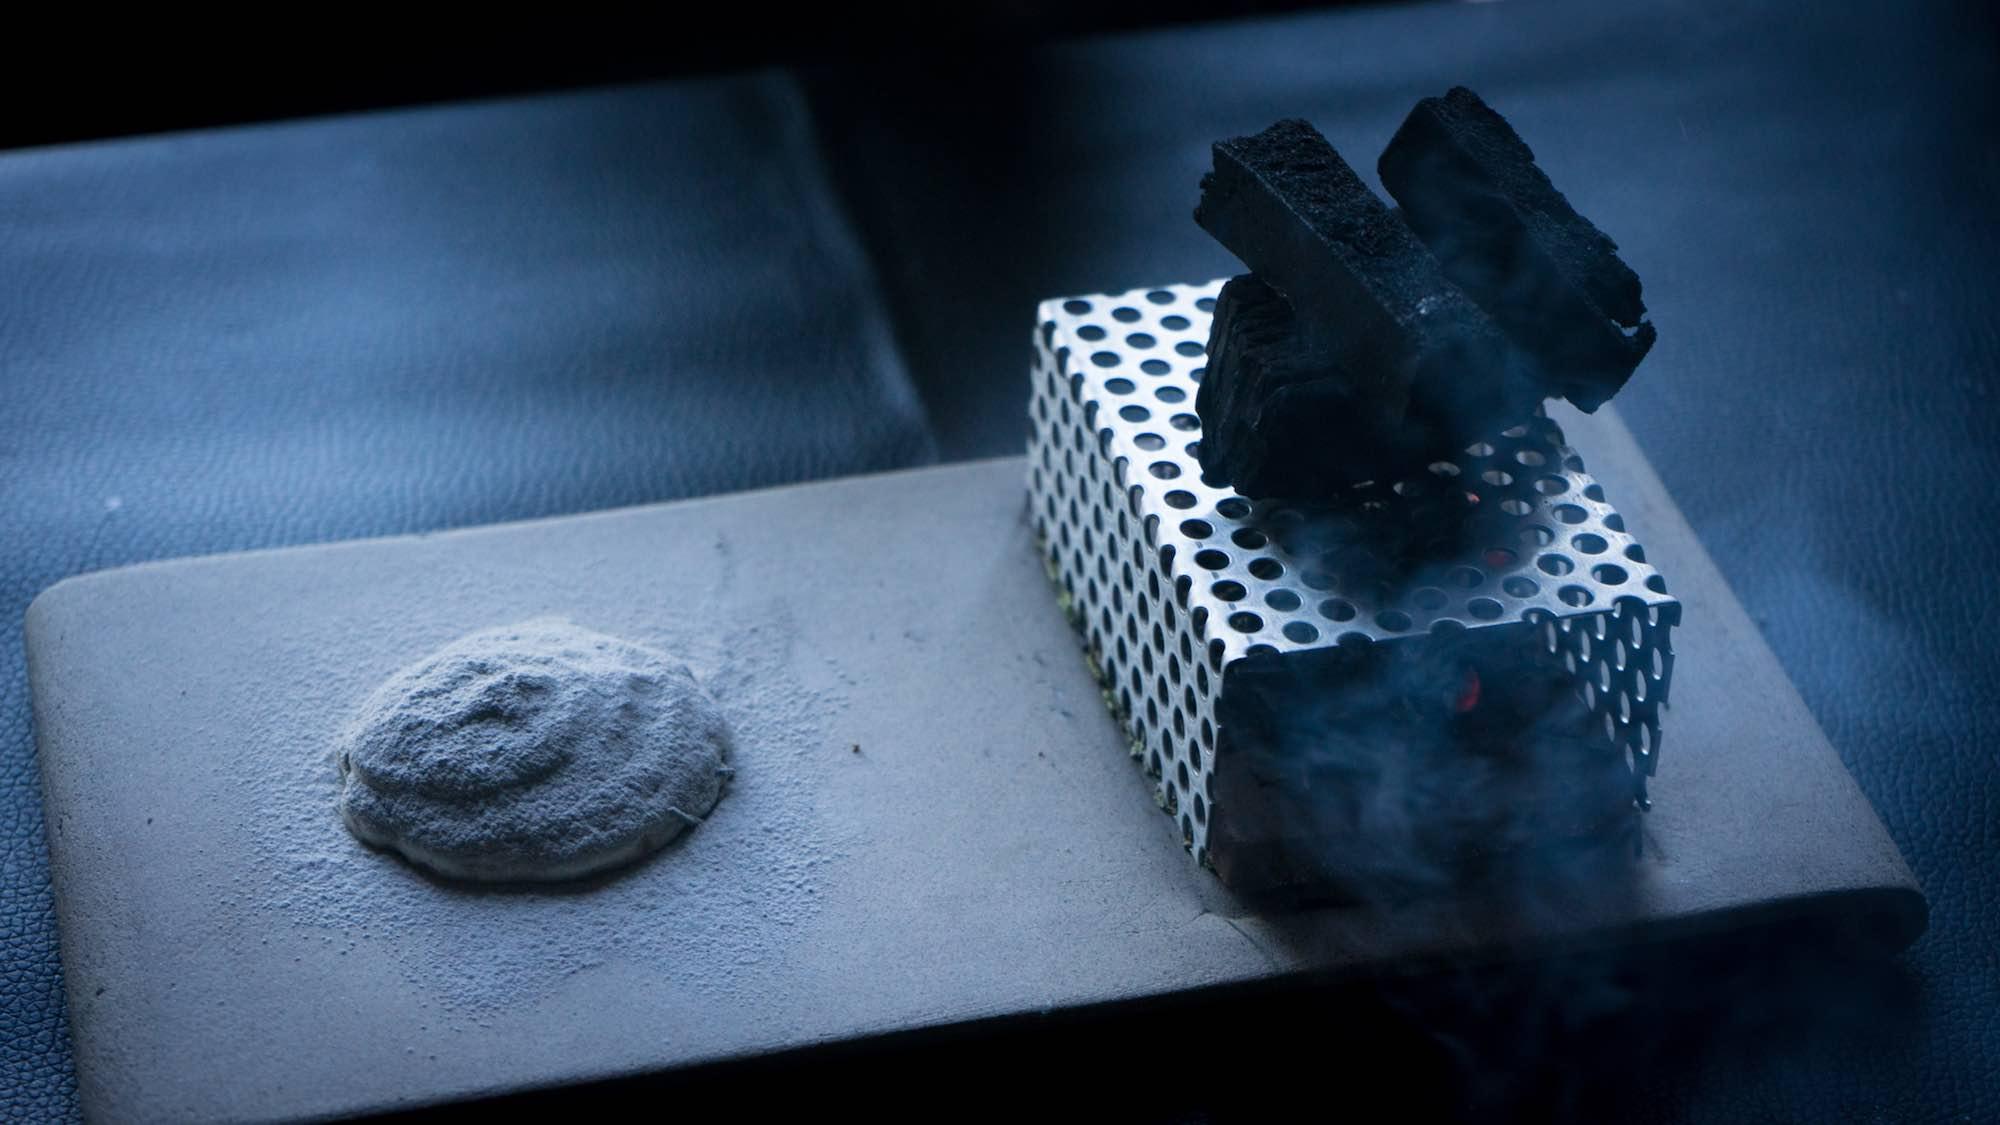 Carbone nella Cenere, piatto dello chef Edoardo Tilli del Podere Belvedere